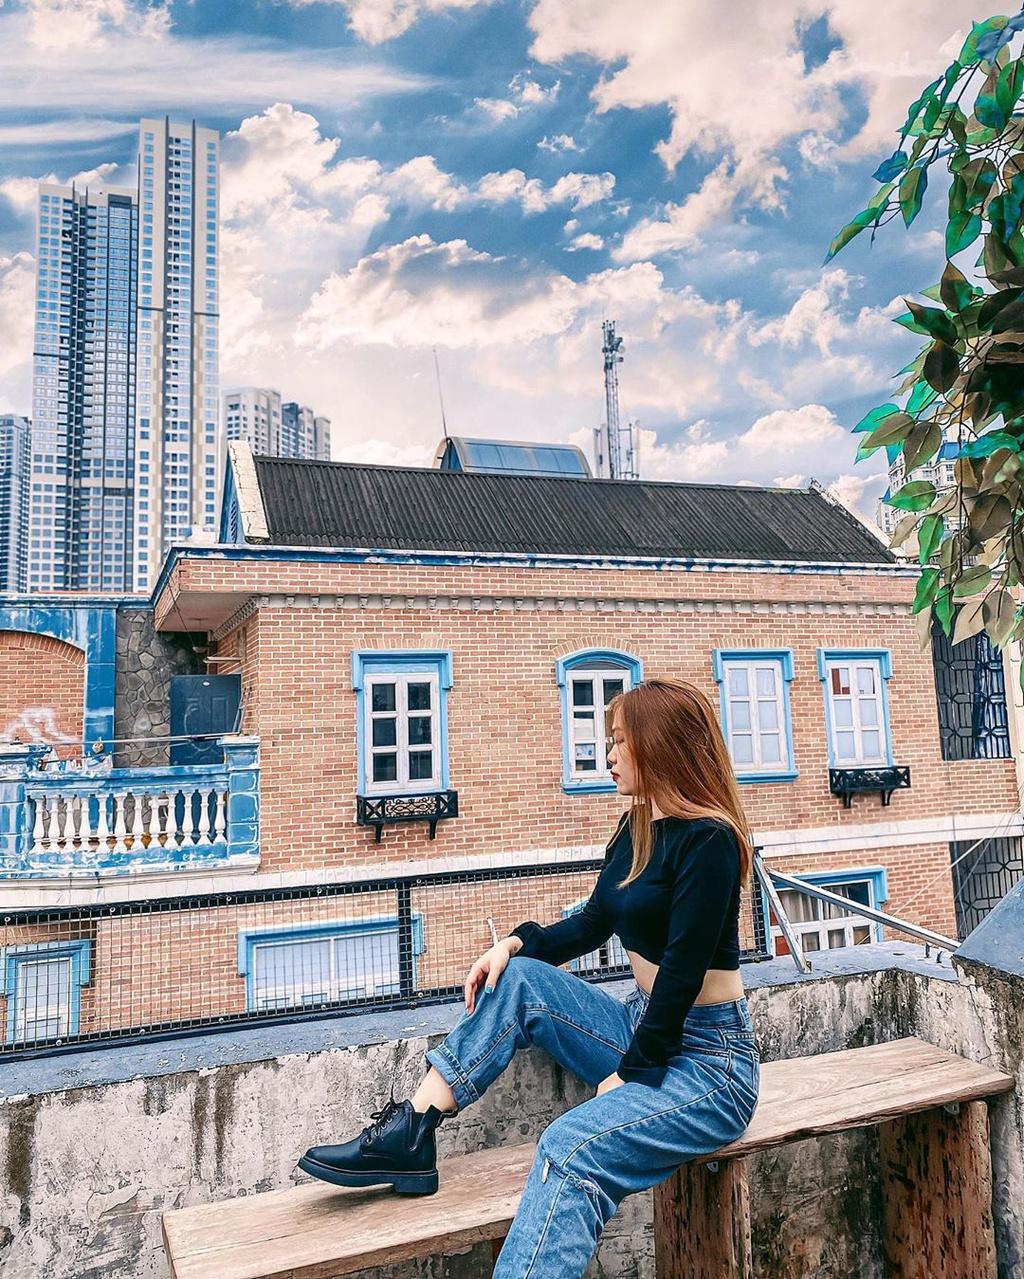 Ngắm Sài thành trên cao ở 4 quán view tầng thượng